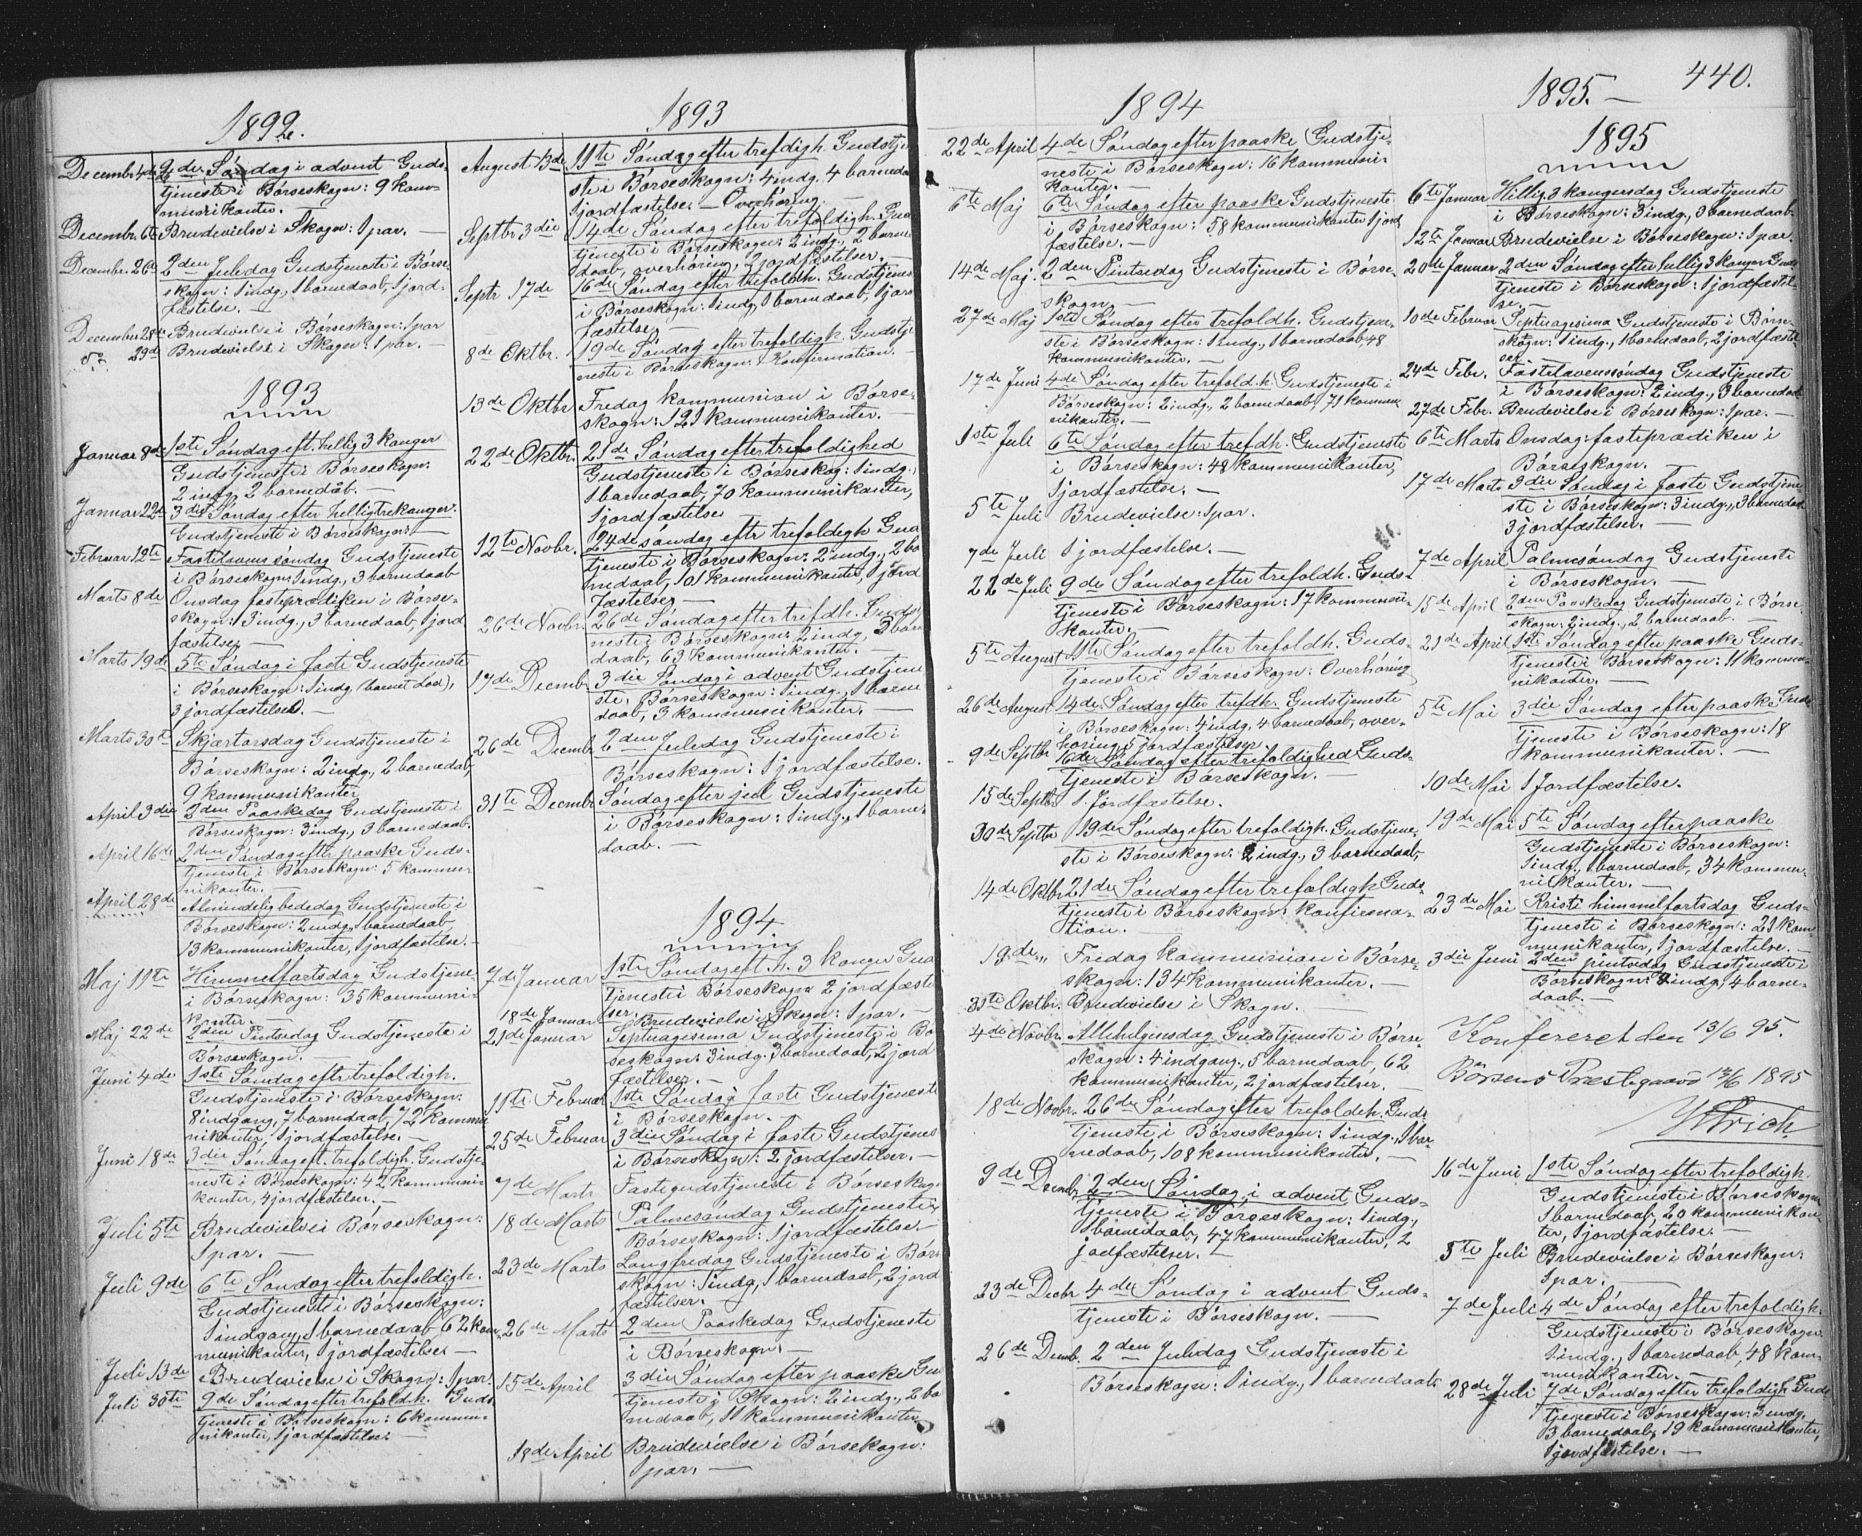 SAT, Ministerialprotokoller, klokkerbøker og fødselsregistre - Sør-Trøndelag, 667/L0798: Klokkerbok nr. 667C03, 1867-1929, s. 440